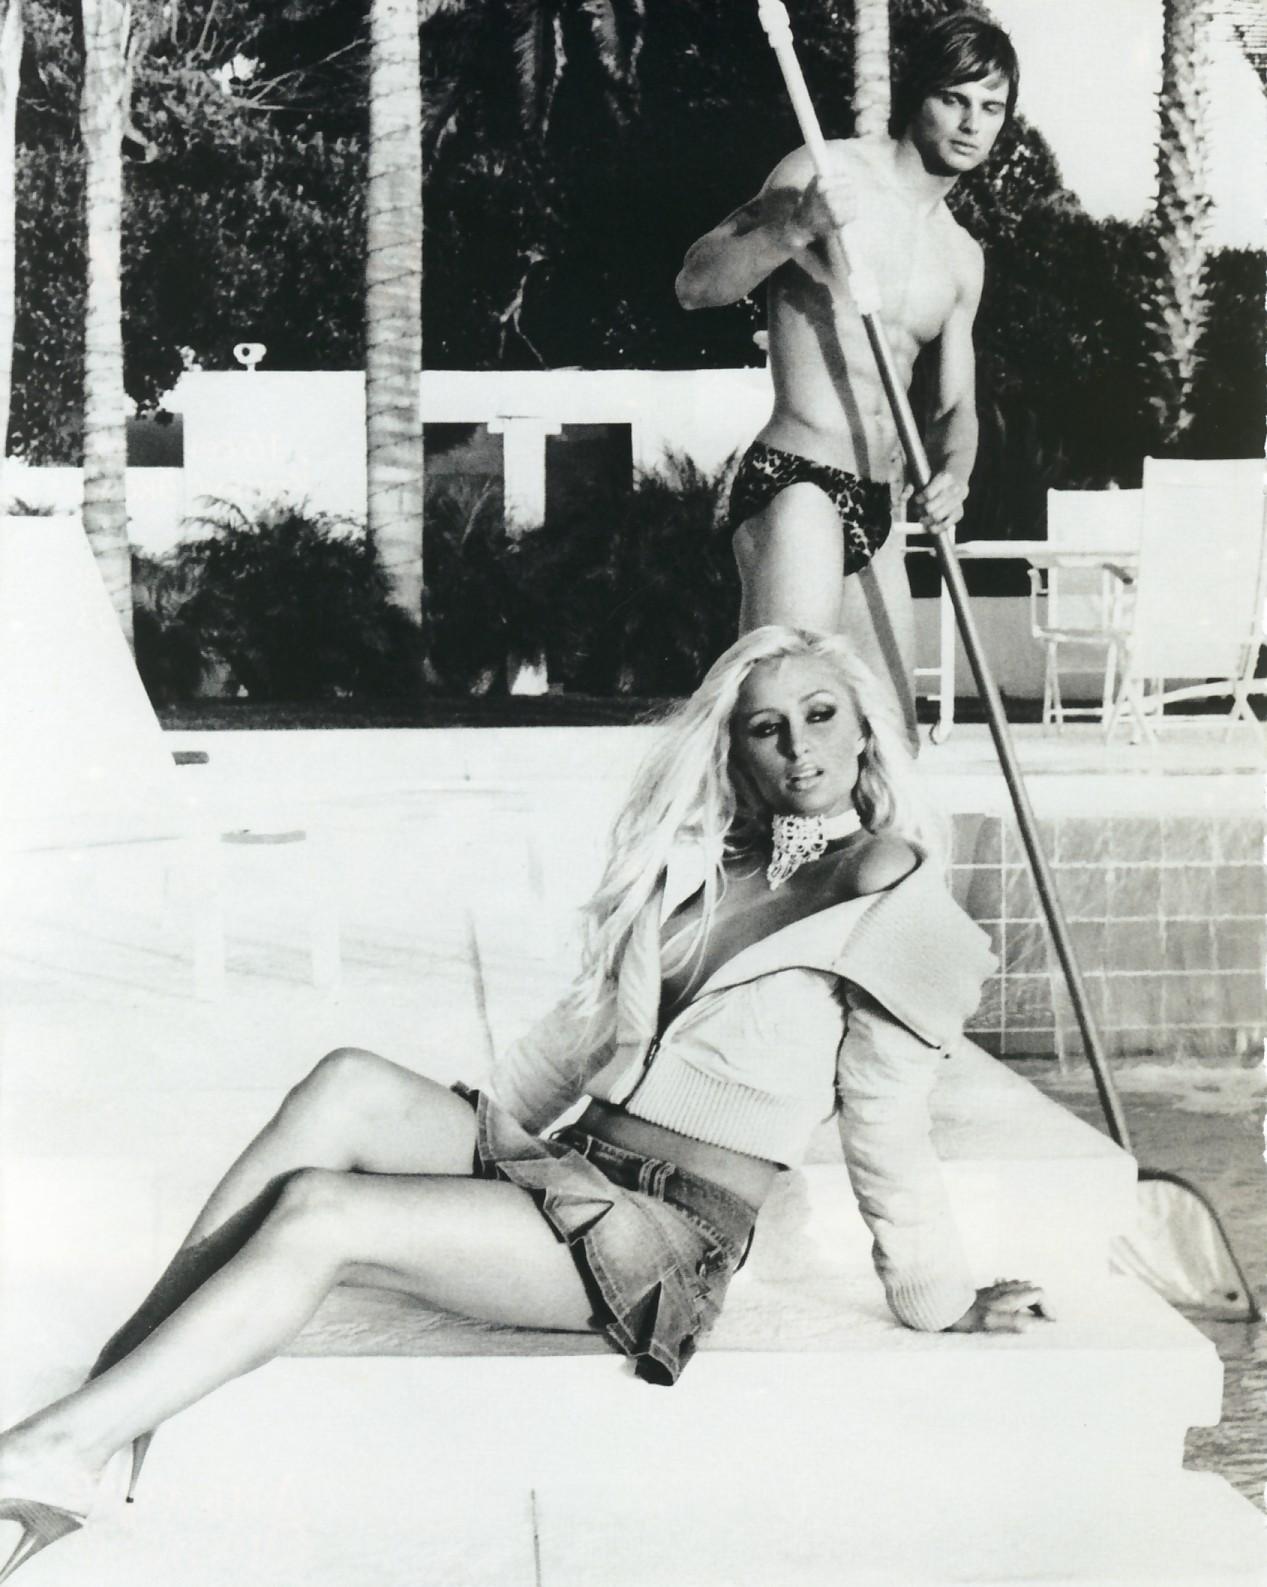 Чистильщик бассейнов и хозяйка 17 фотография